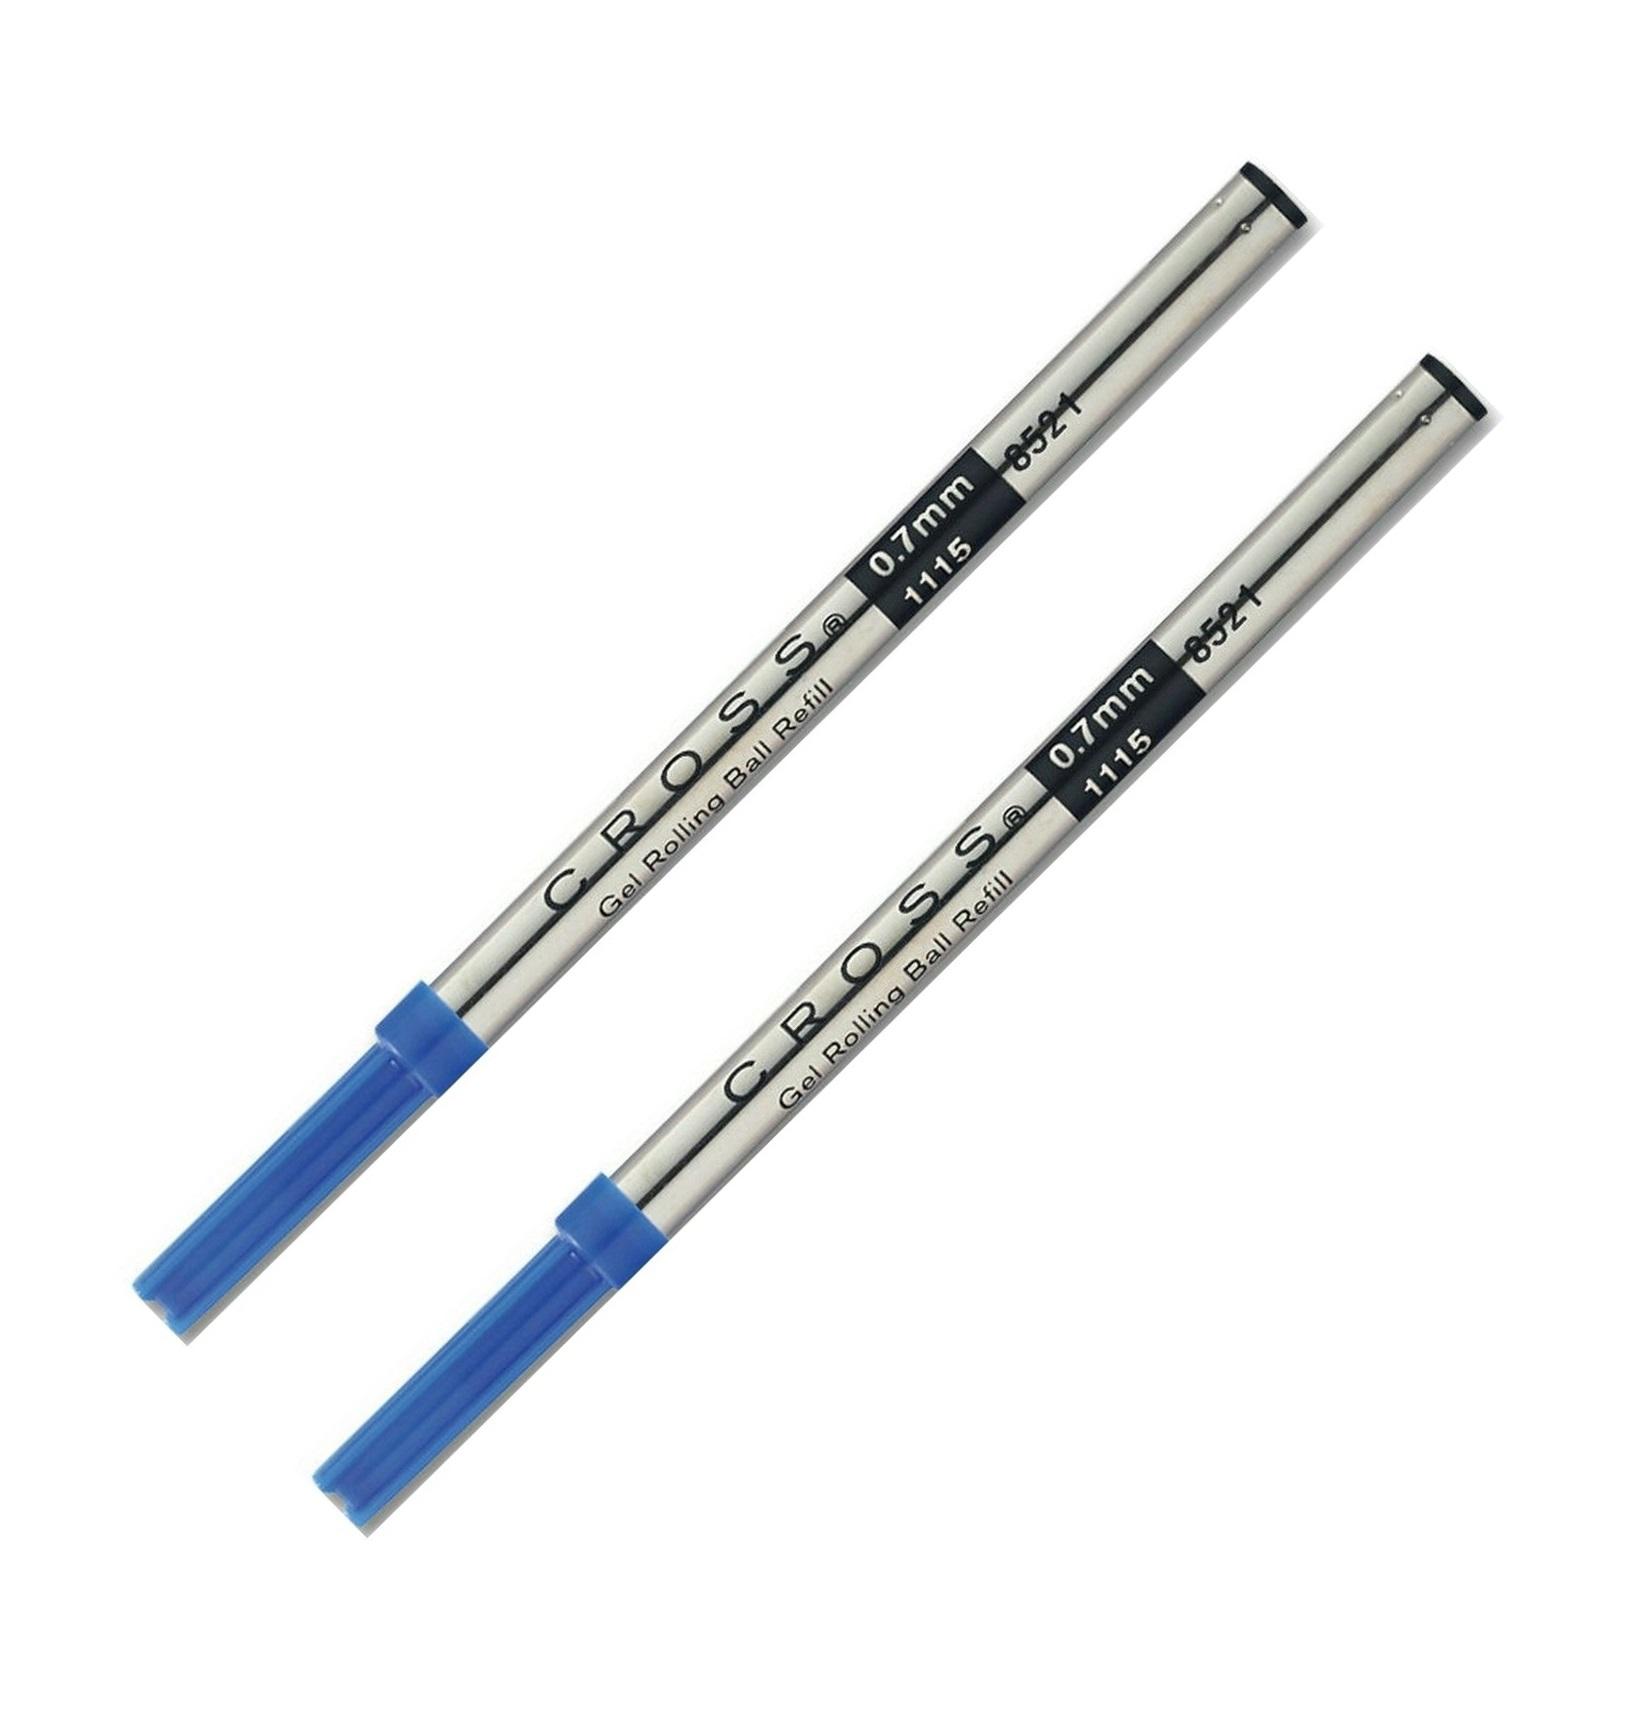 5 packs Cross Gel Ink Rolling Ball Refill for Selectip Pens Blue M 8521